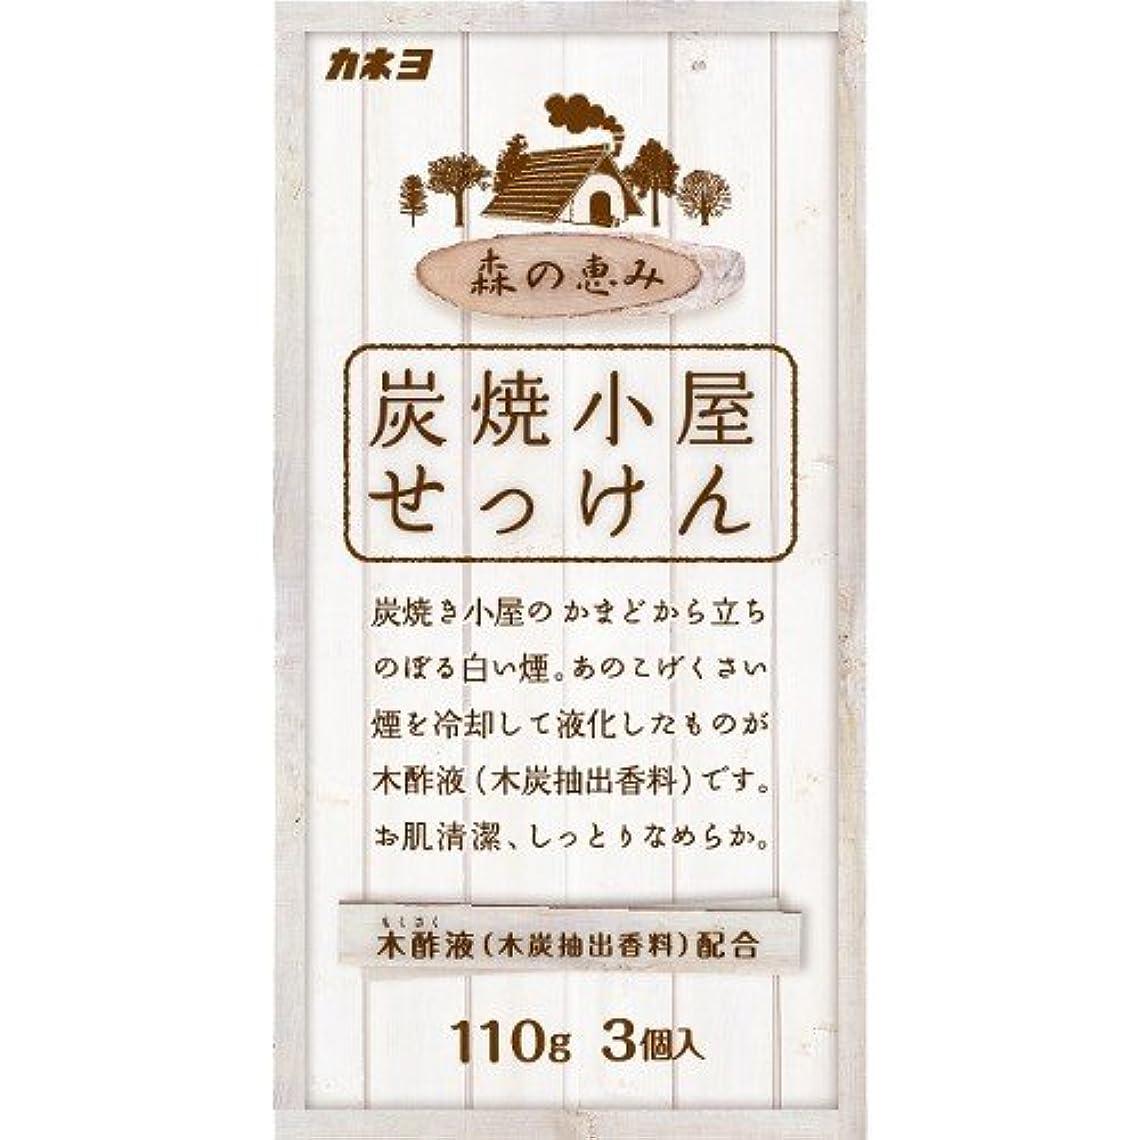 中間あたたかいスチュアート島カネヨ石鹸 炭焼小屋 化粧石けん 110g×3個入